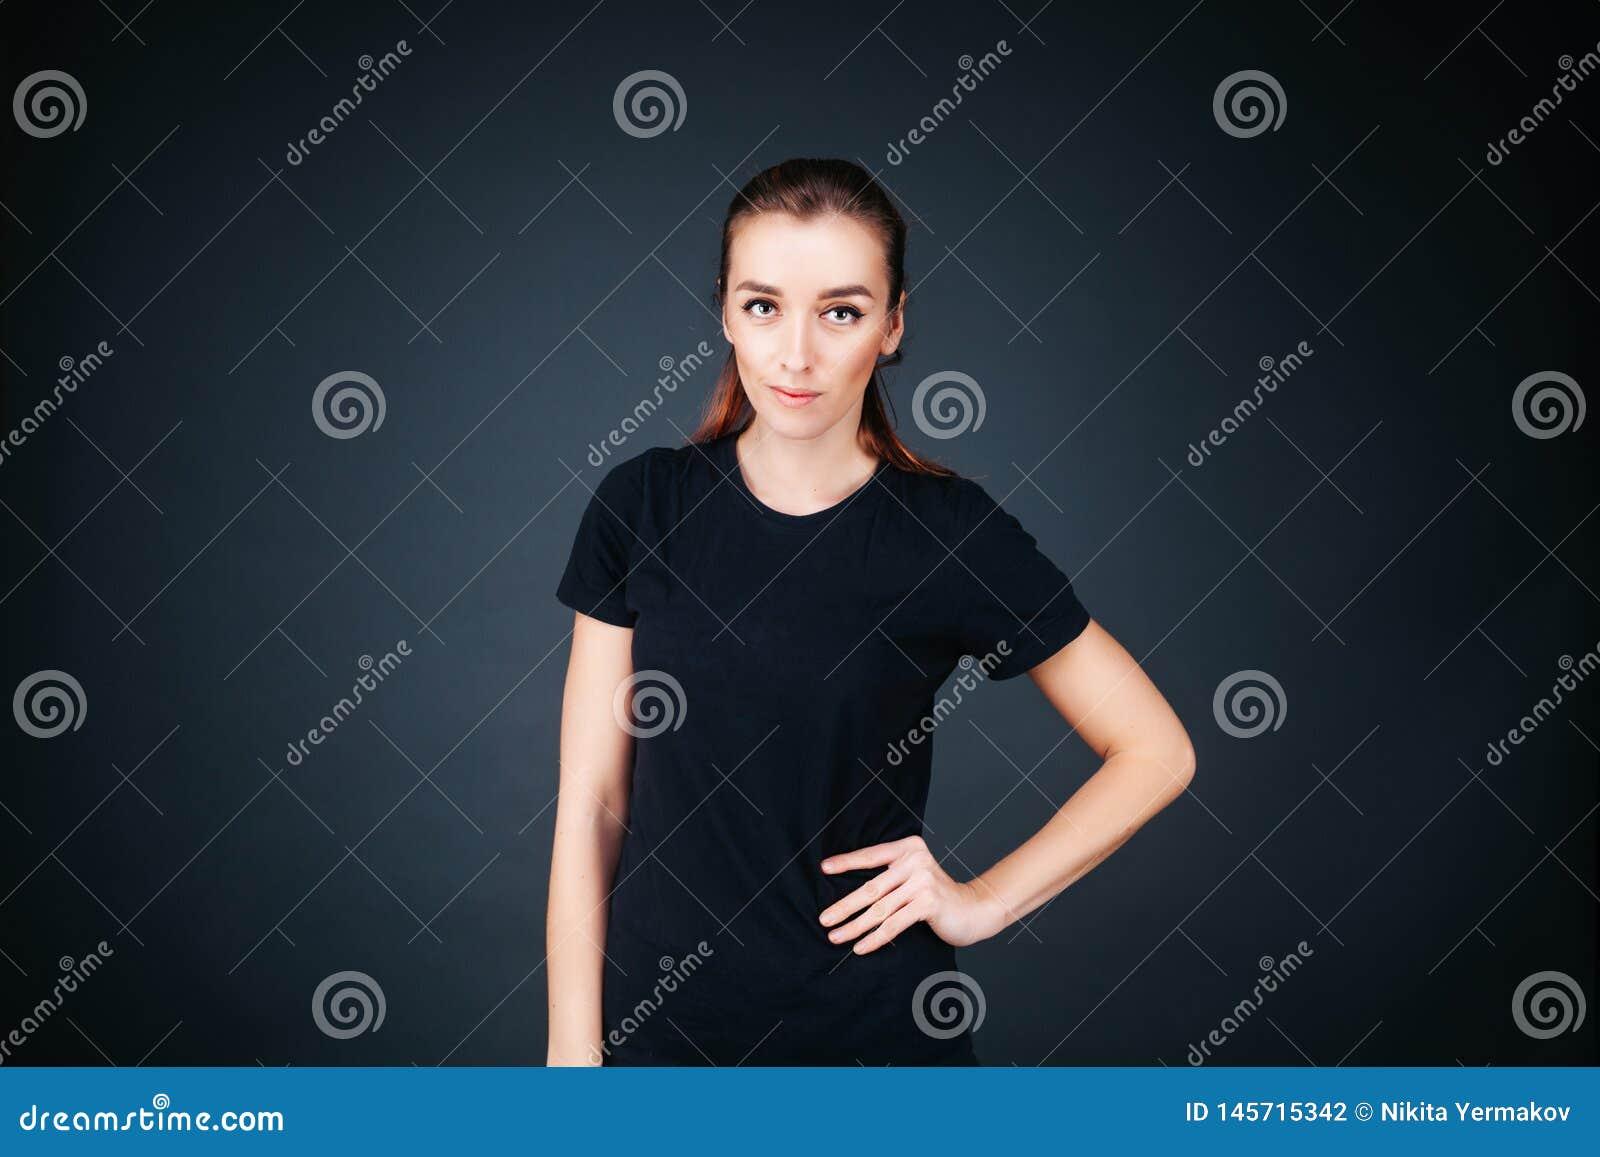 Φίλαθλος-κοιτάζοντας κορίτσι σε μια μαύρη μπλούζα και τις περικνημίδες